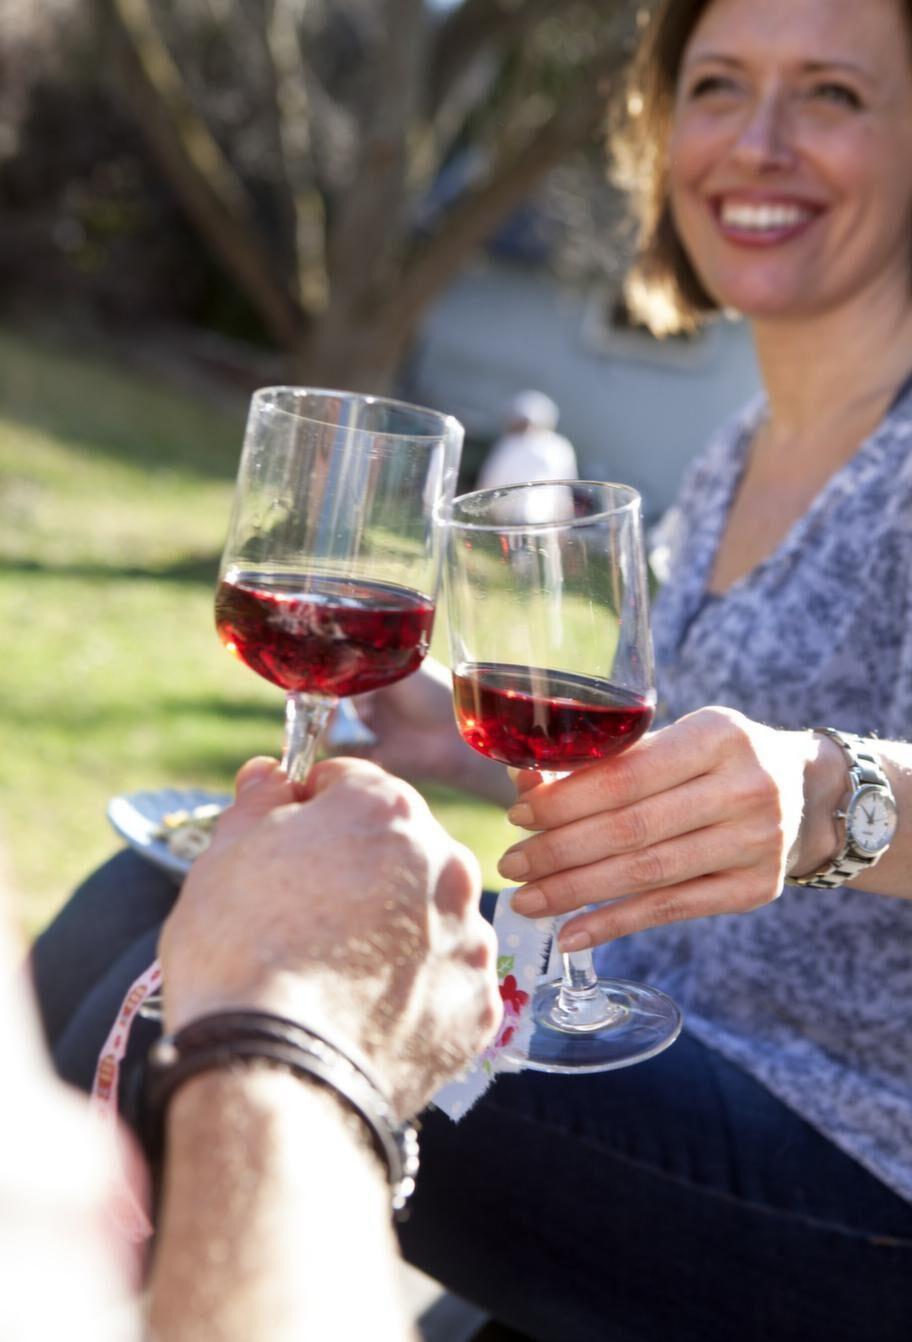 OLIKA SMAKER. Köp en flaska av varje och testa! Samtliga viner passar utmärkt till en köttbit från grillen med smakrika tillbehör.